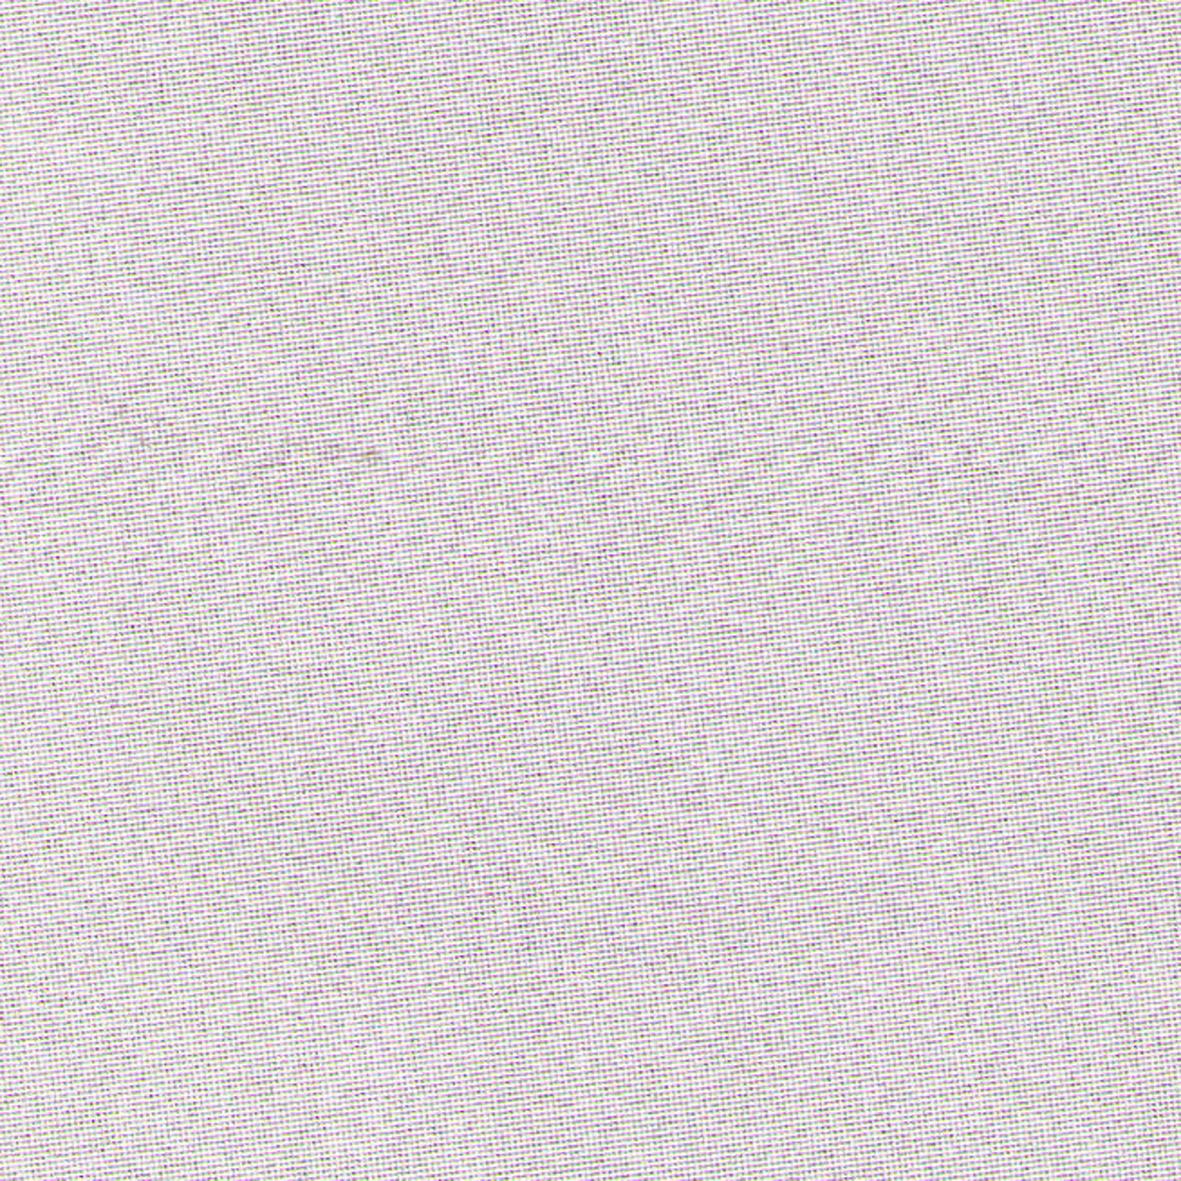 120 - Gliter branco